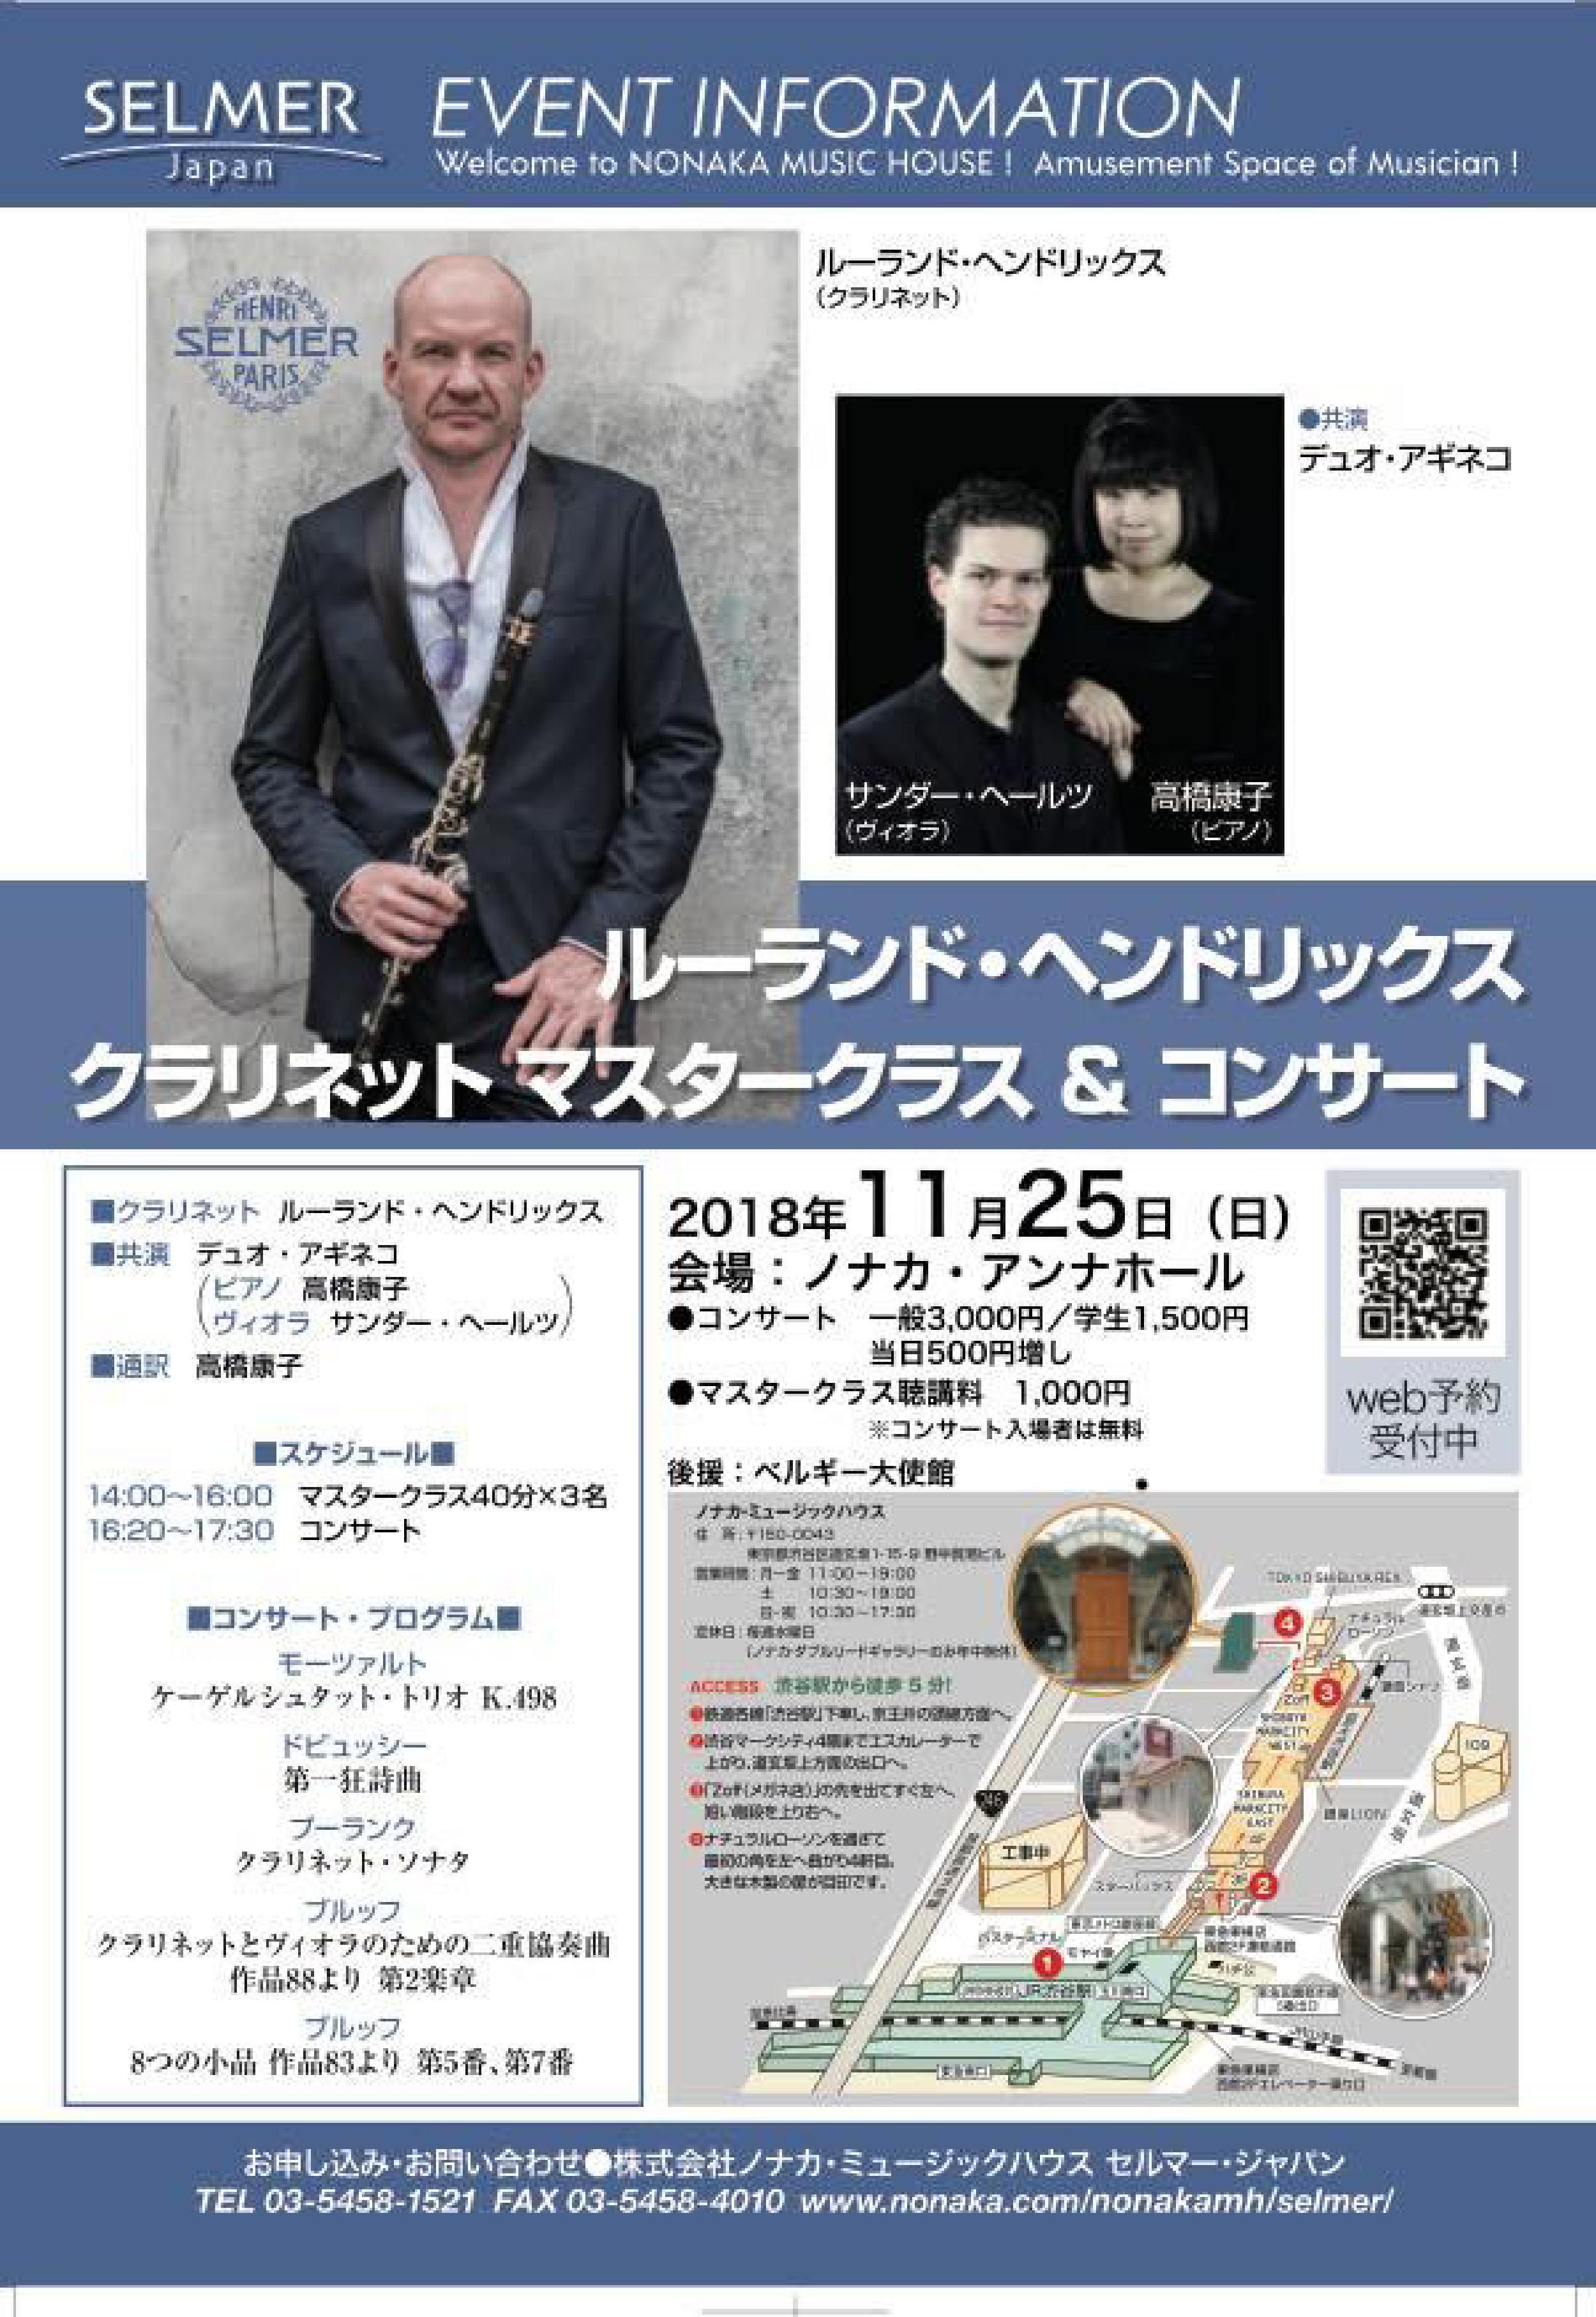 11月25日東京